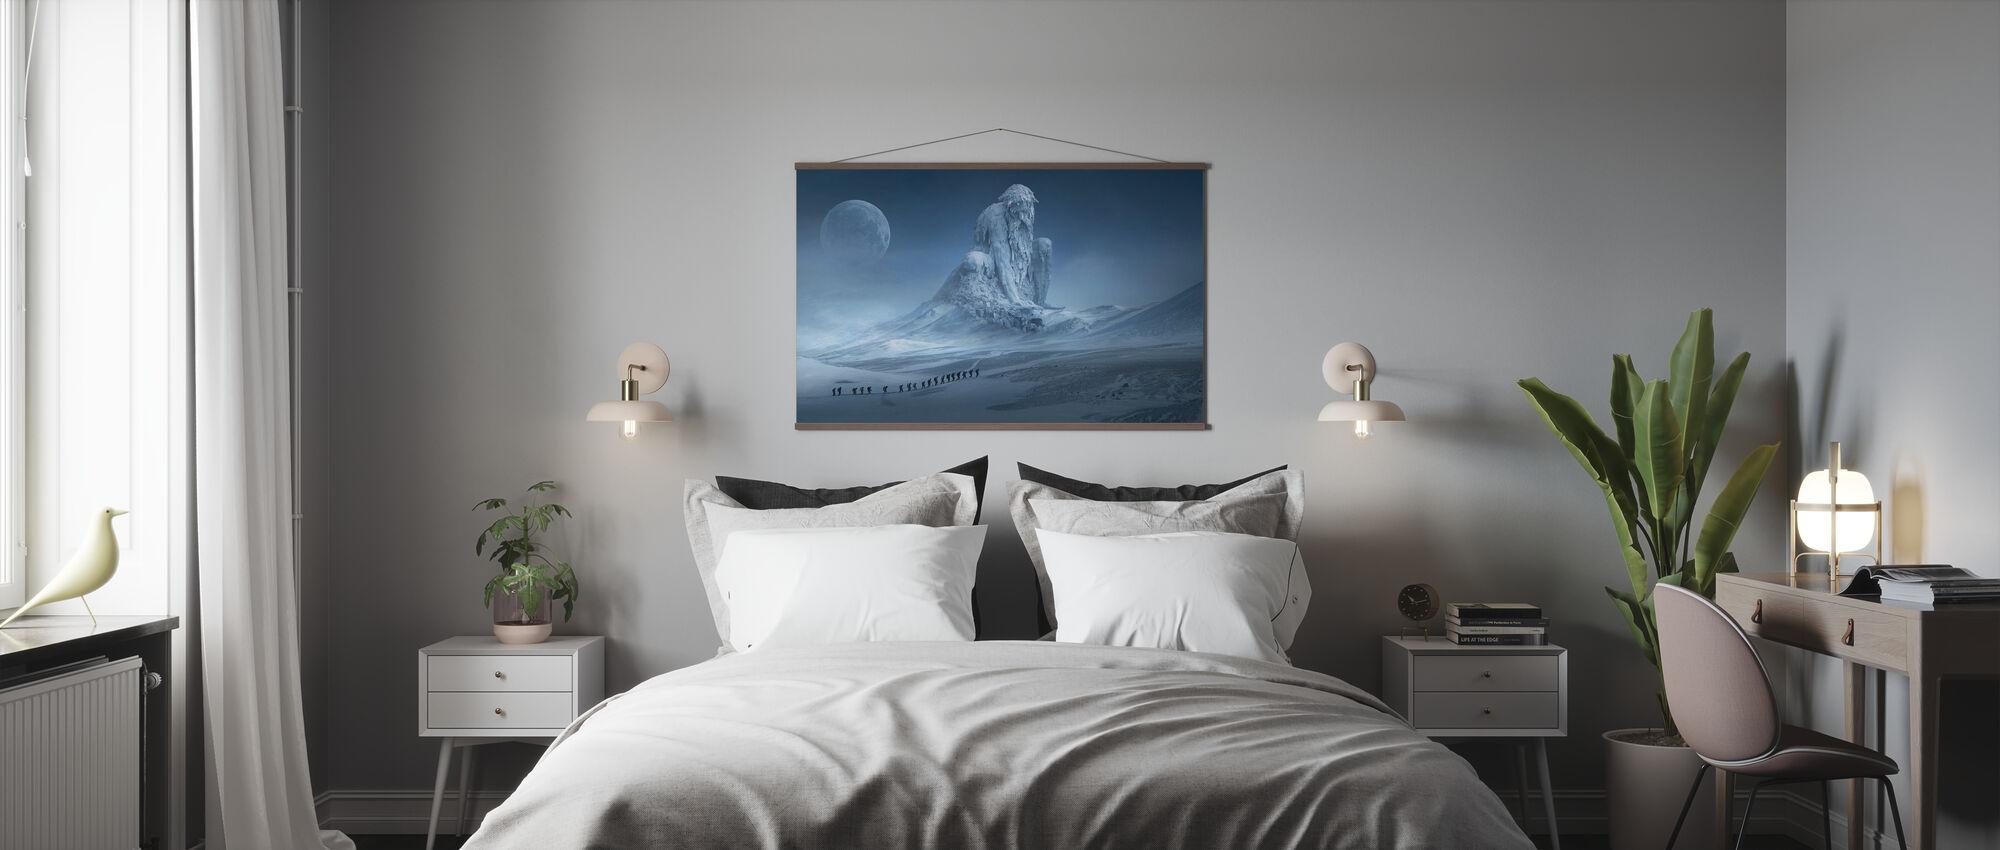 Fantasy Snow Landscape - Poster - Bedroom